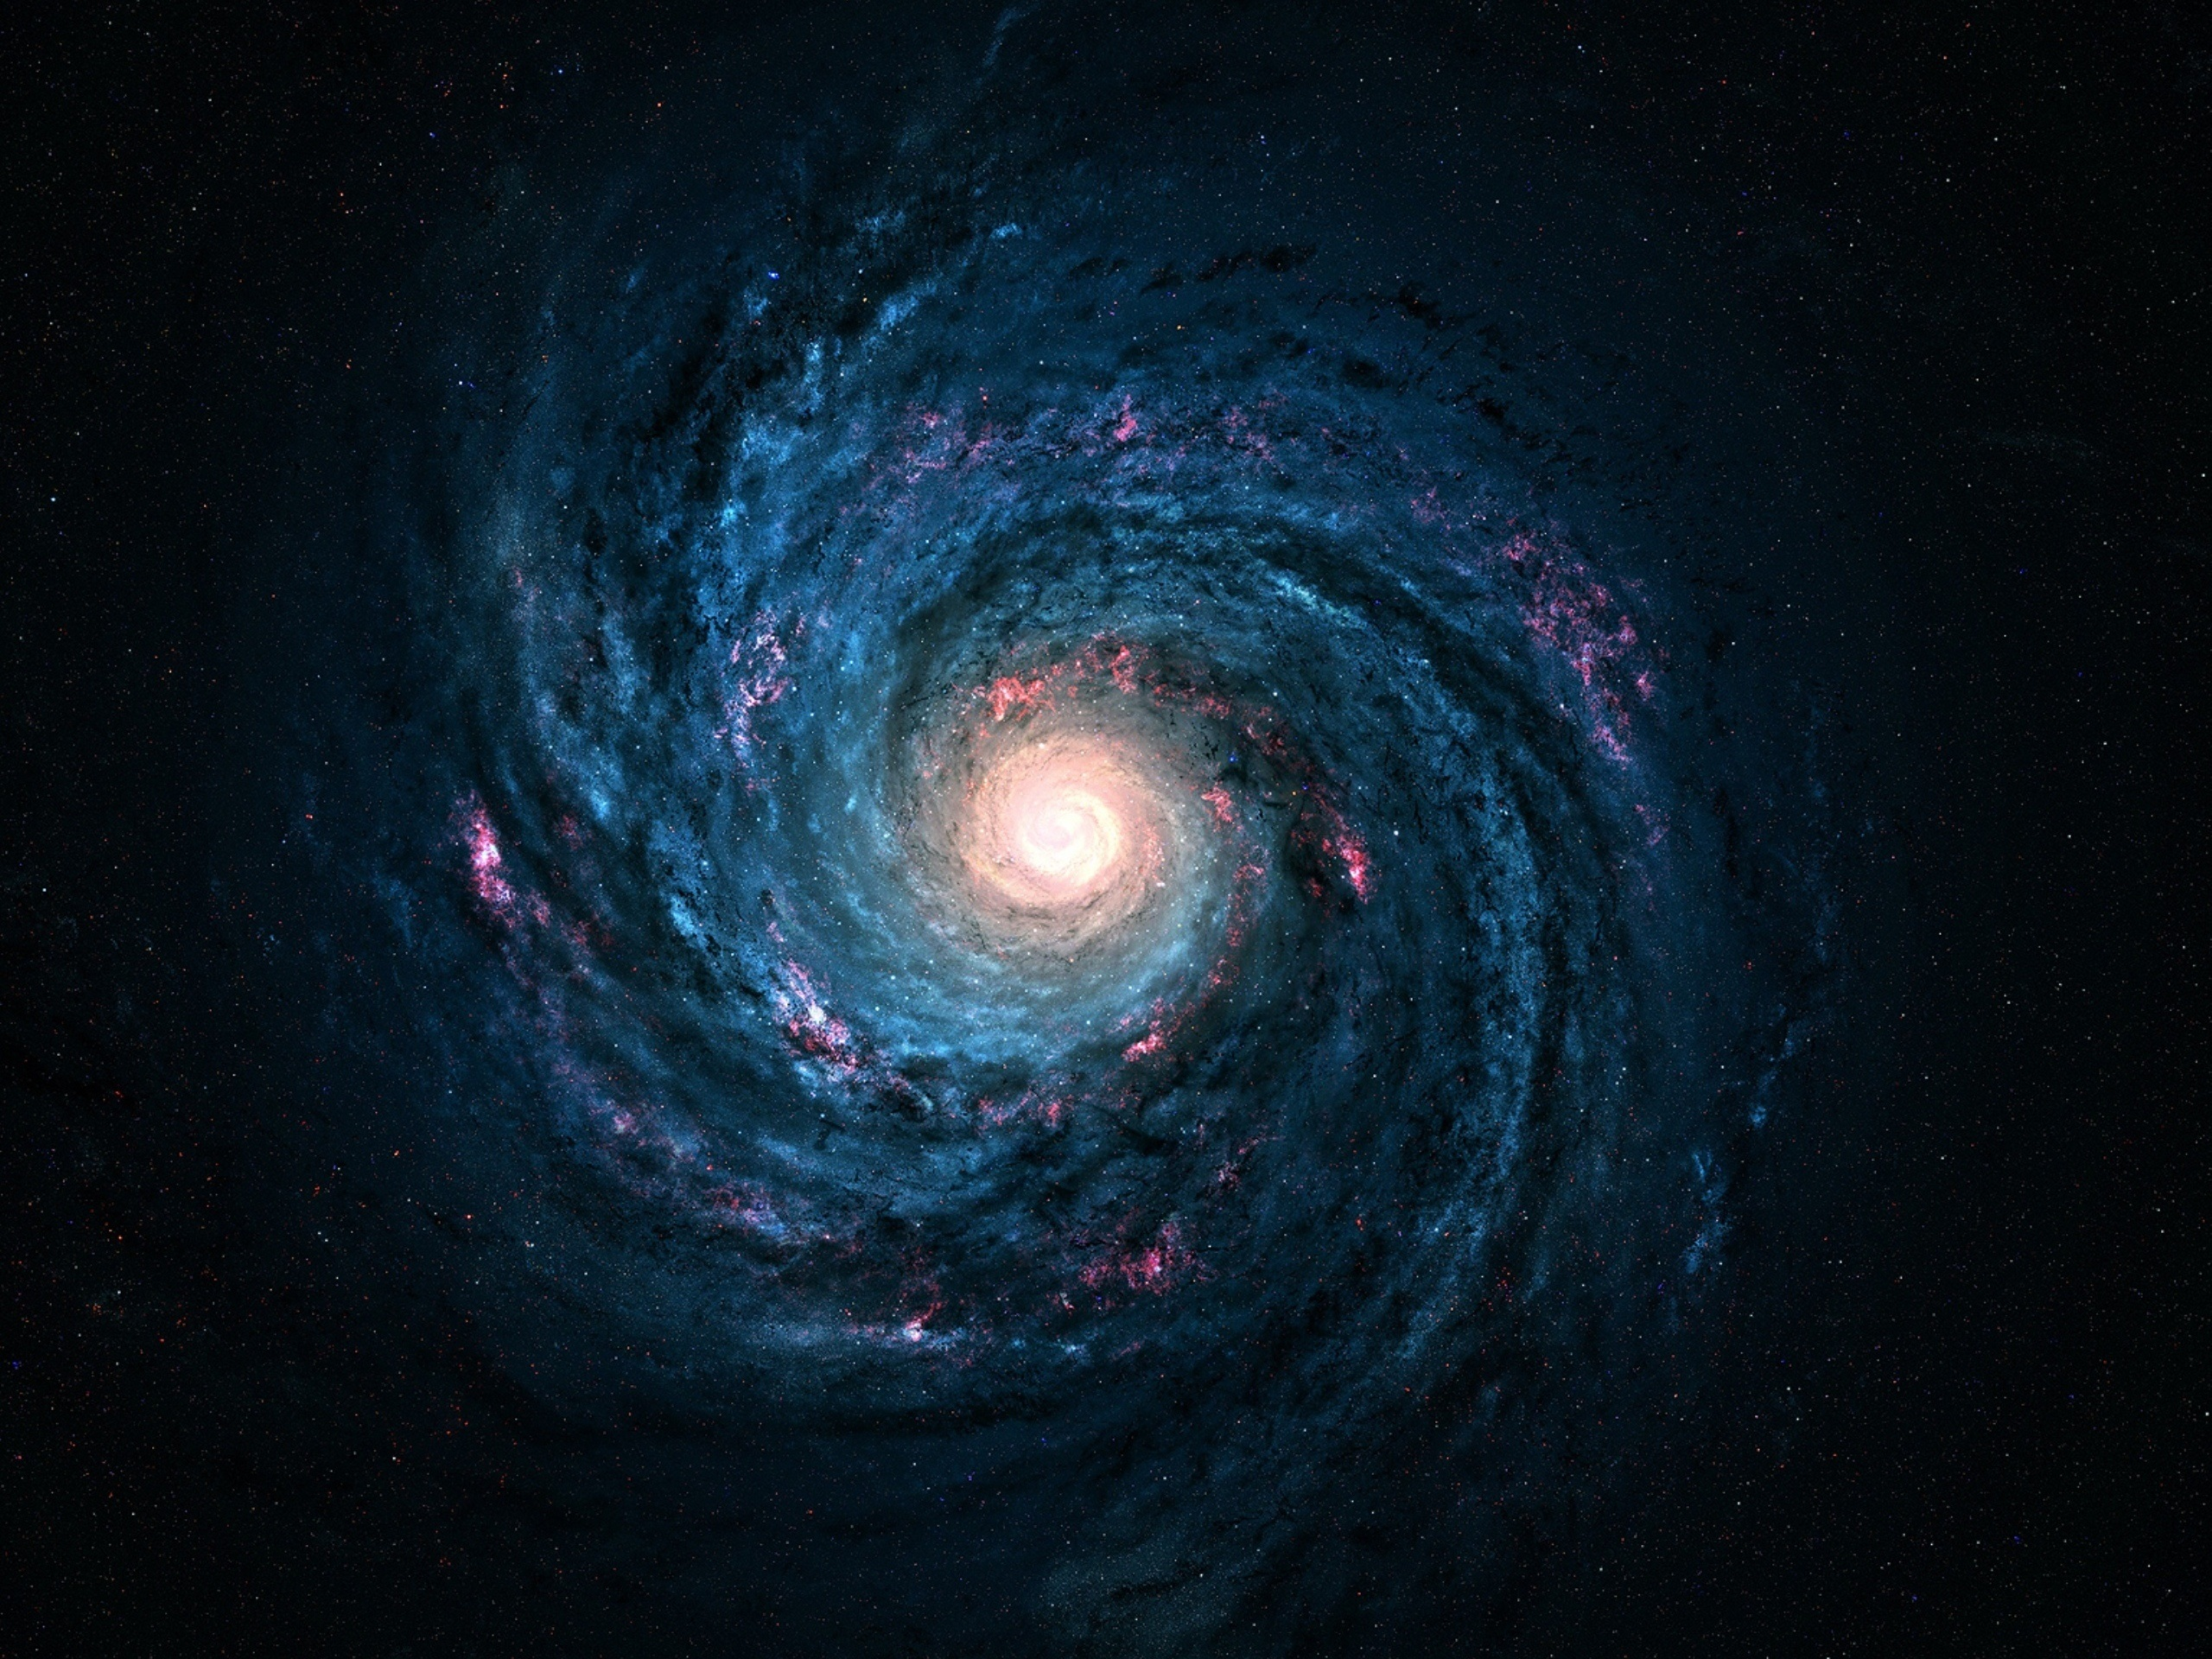 壁紙 天の川 銀河 星 永遠 美しい空間 2560x1920 Hd 無料の